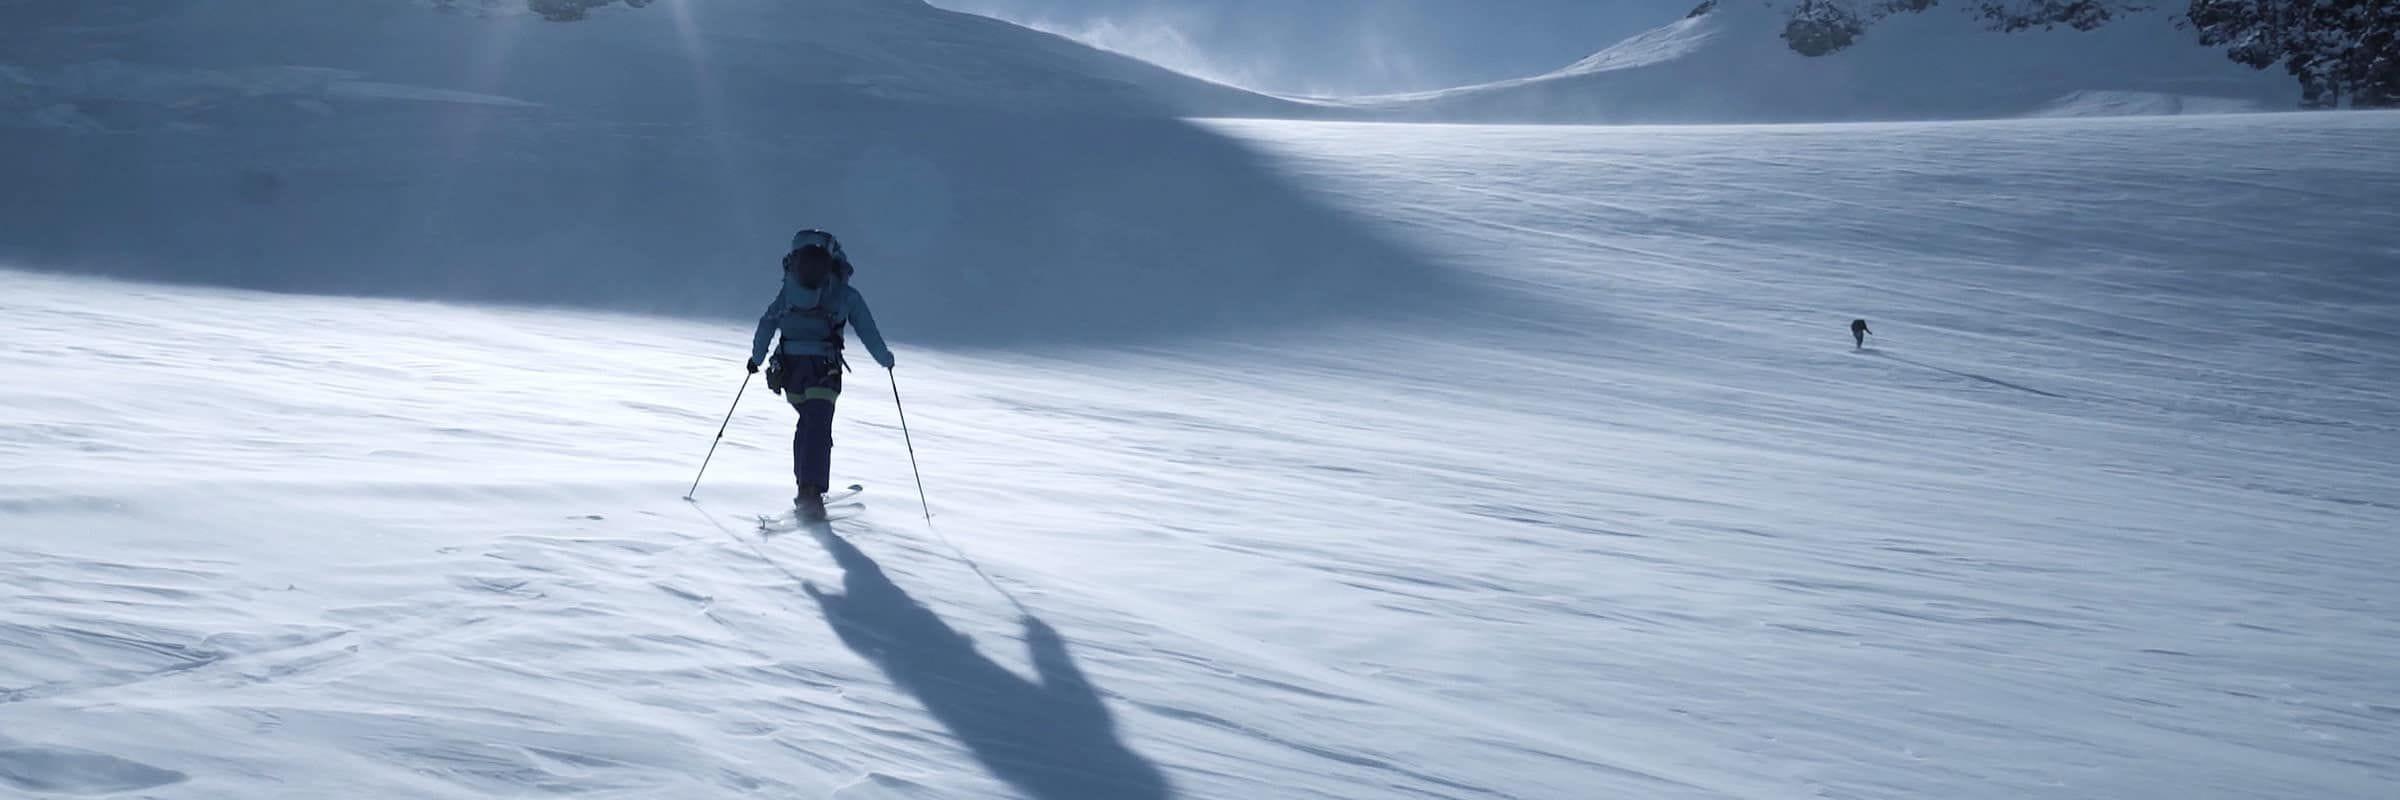 Arc'teryx. Top Arc'teryx Ski Touring Kits for Men & Women